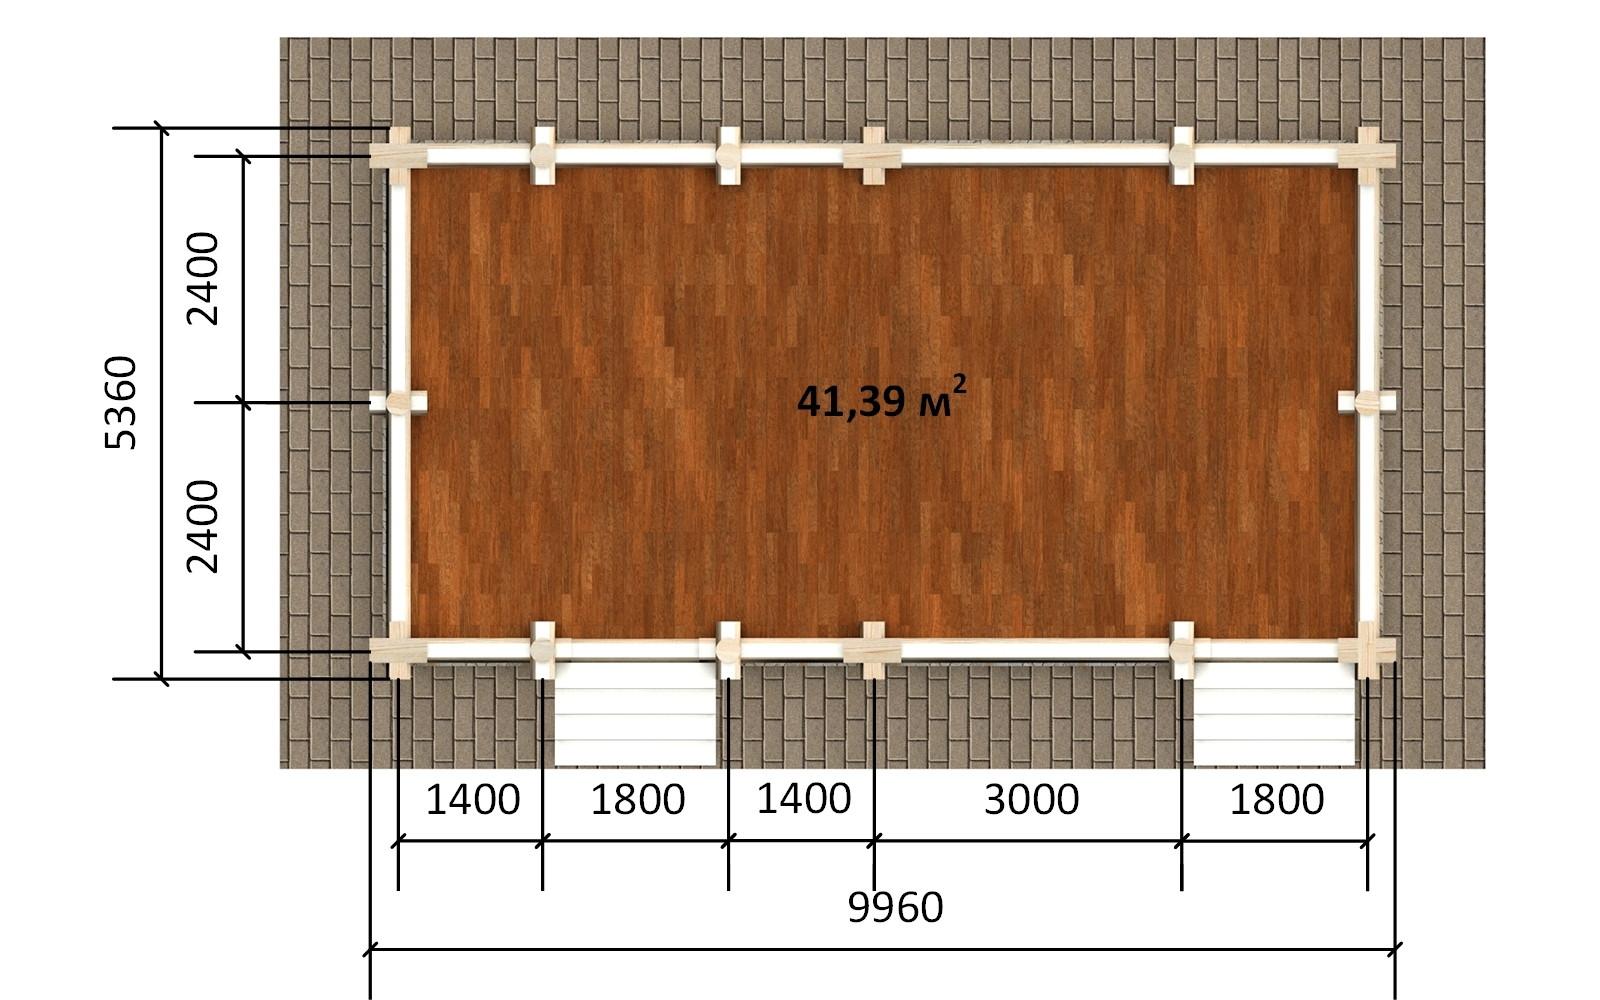 Фото #4: деревянная беседка БС-10 из бревна